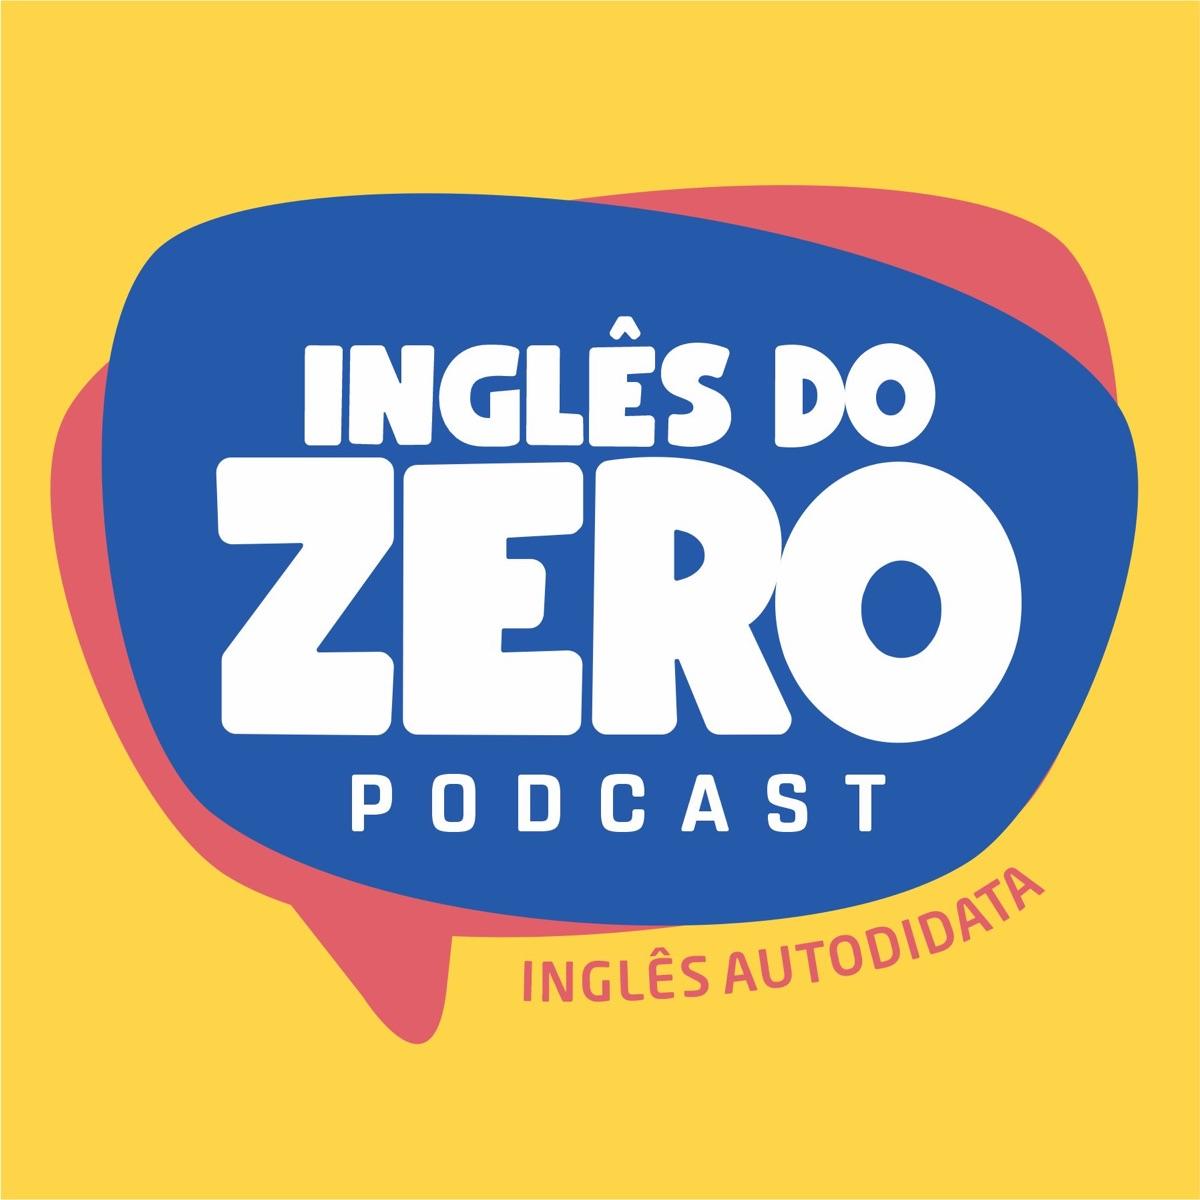 Inglês do Zero